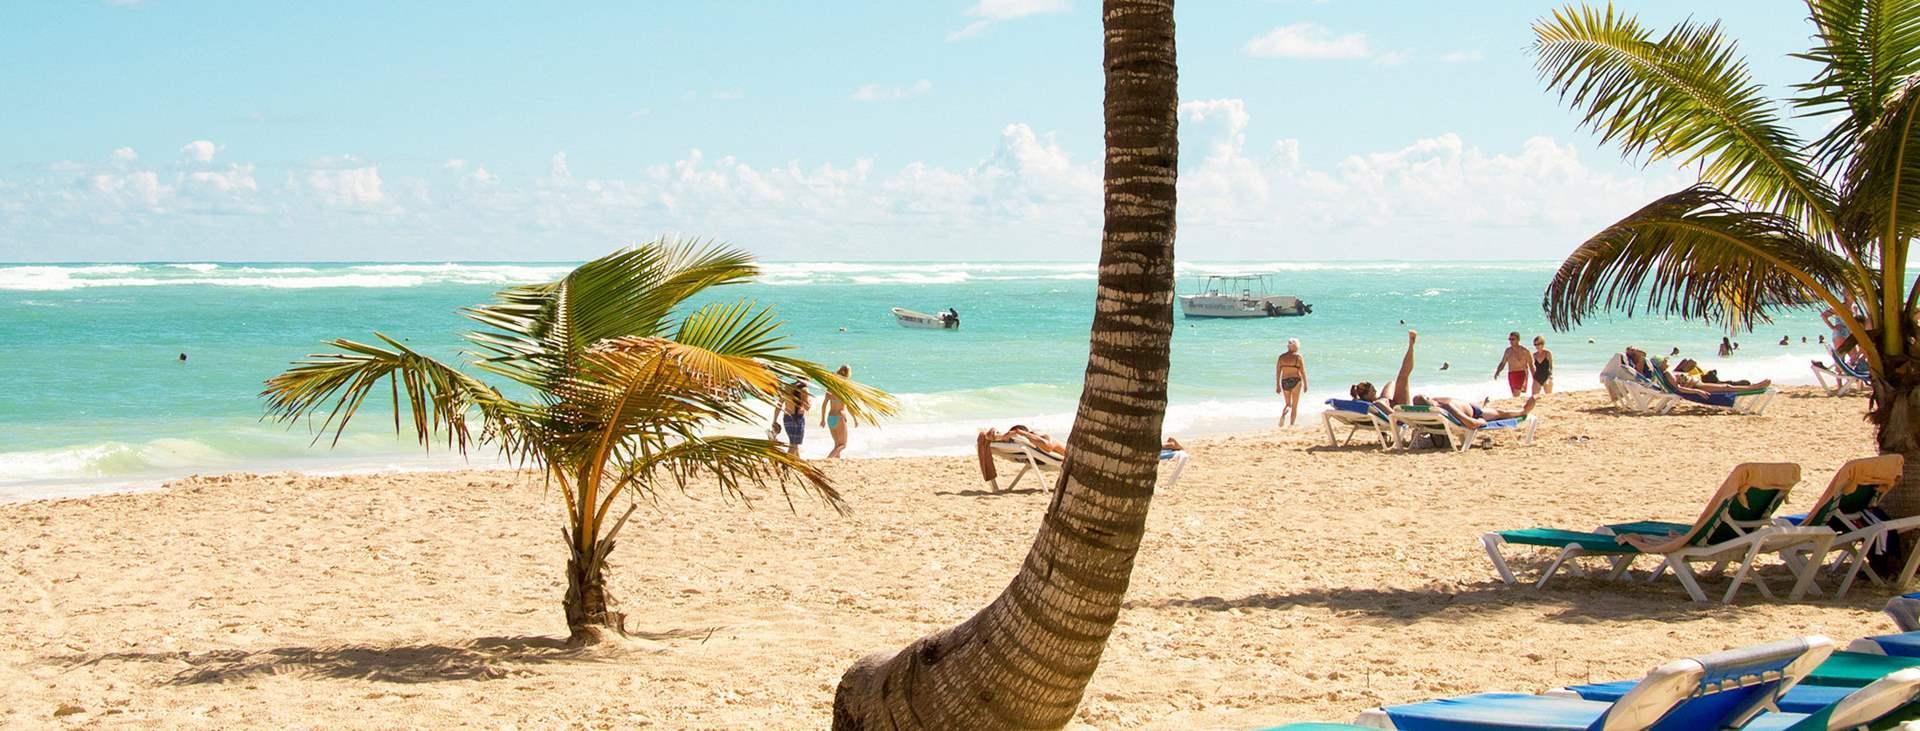 Varaa All Inclusive -matka Punta Canaan, Dominikaaniseen tasavaltaan